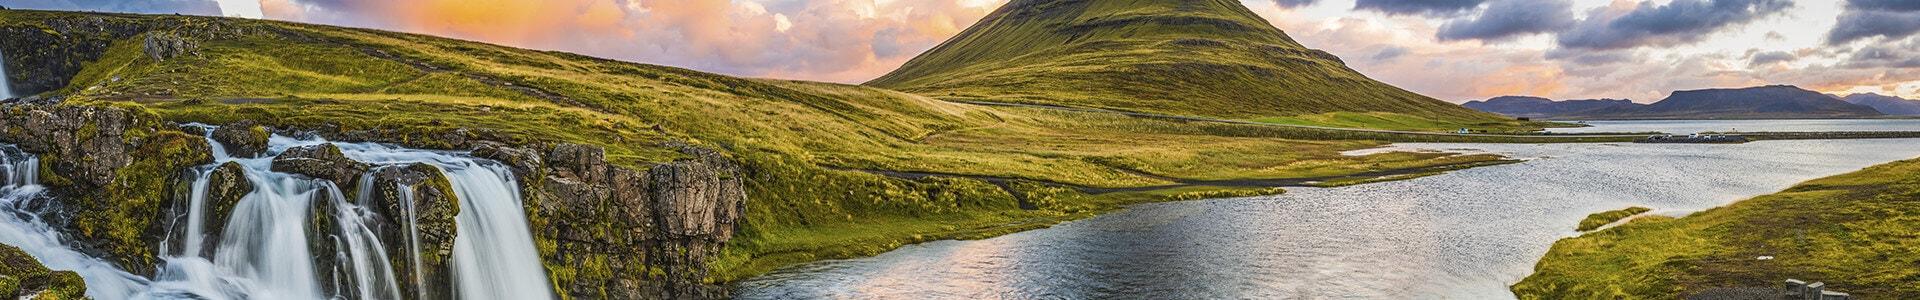 Voyage en Islande - TUI